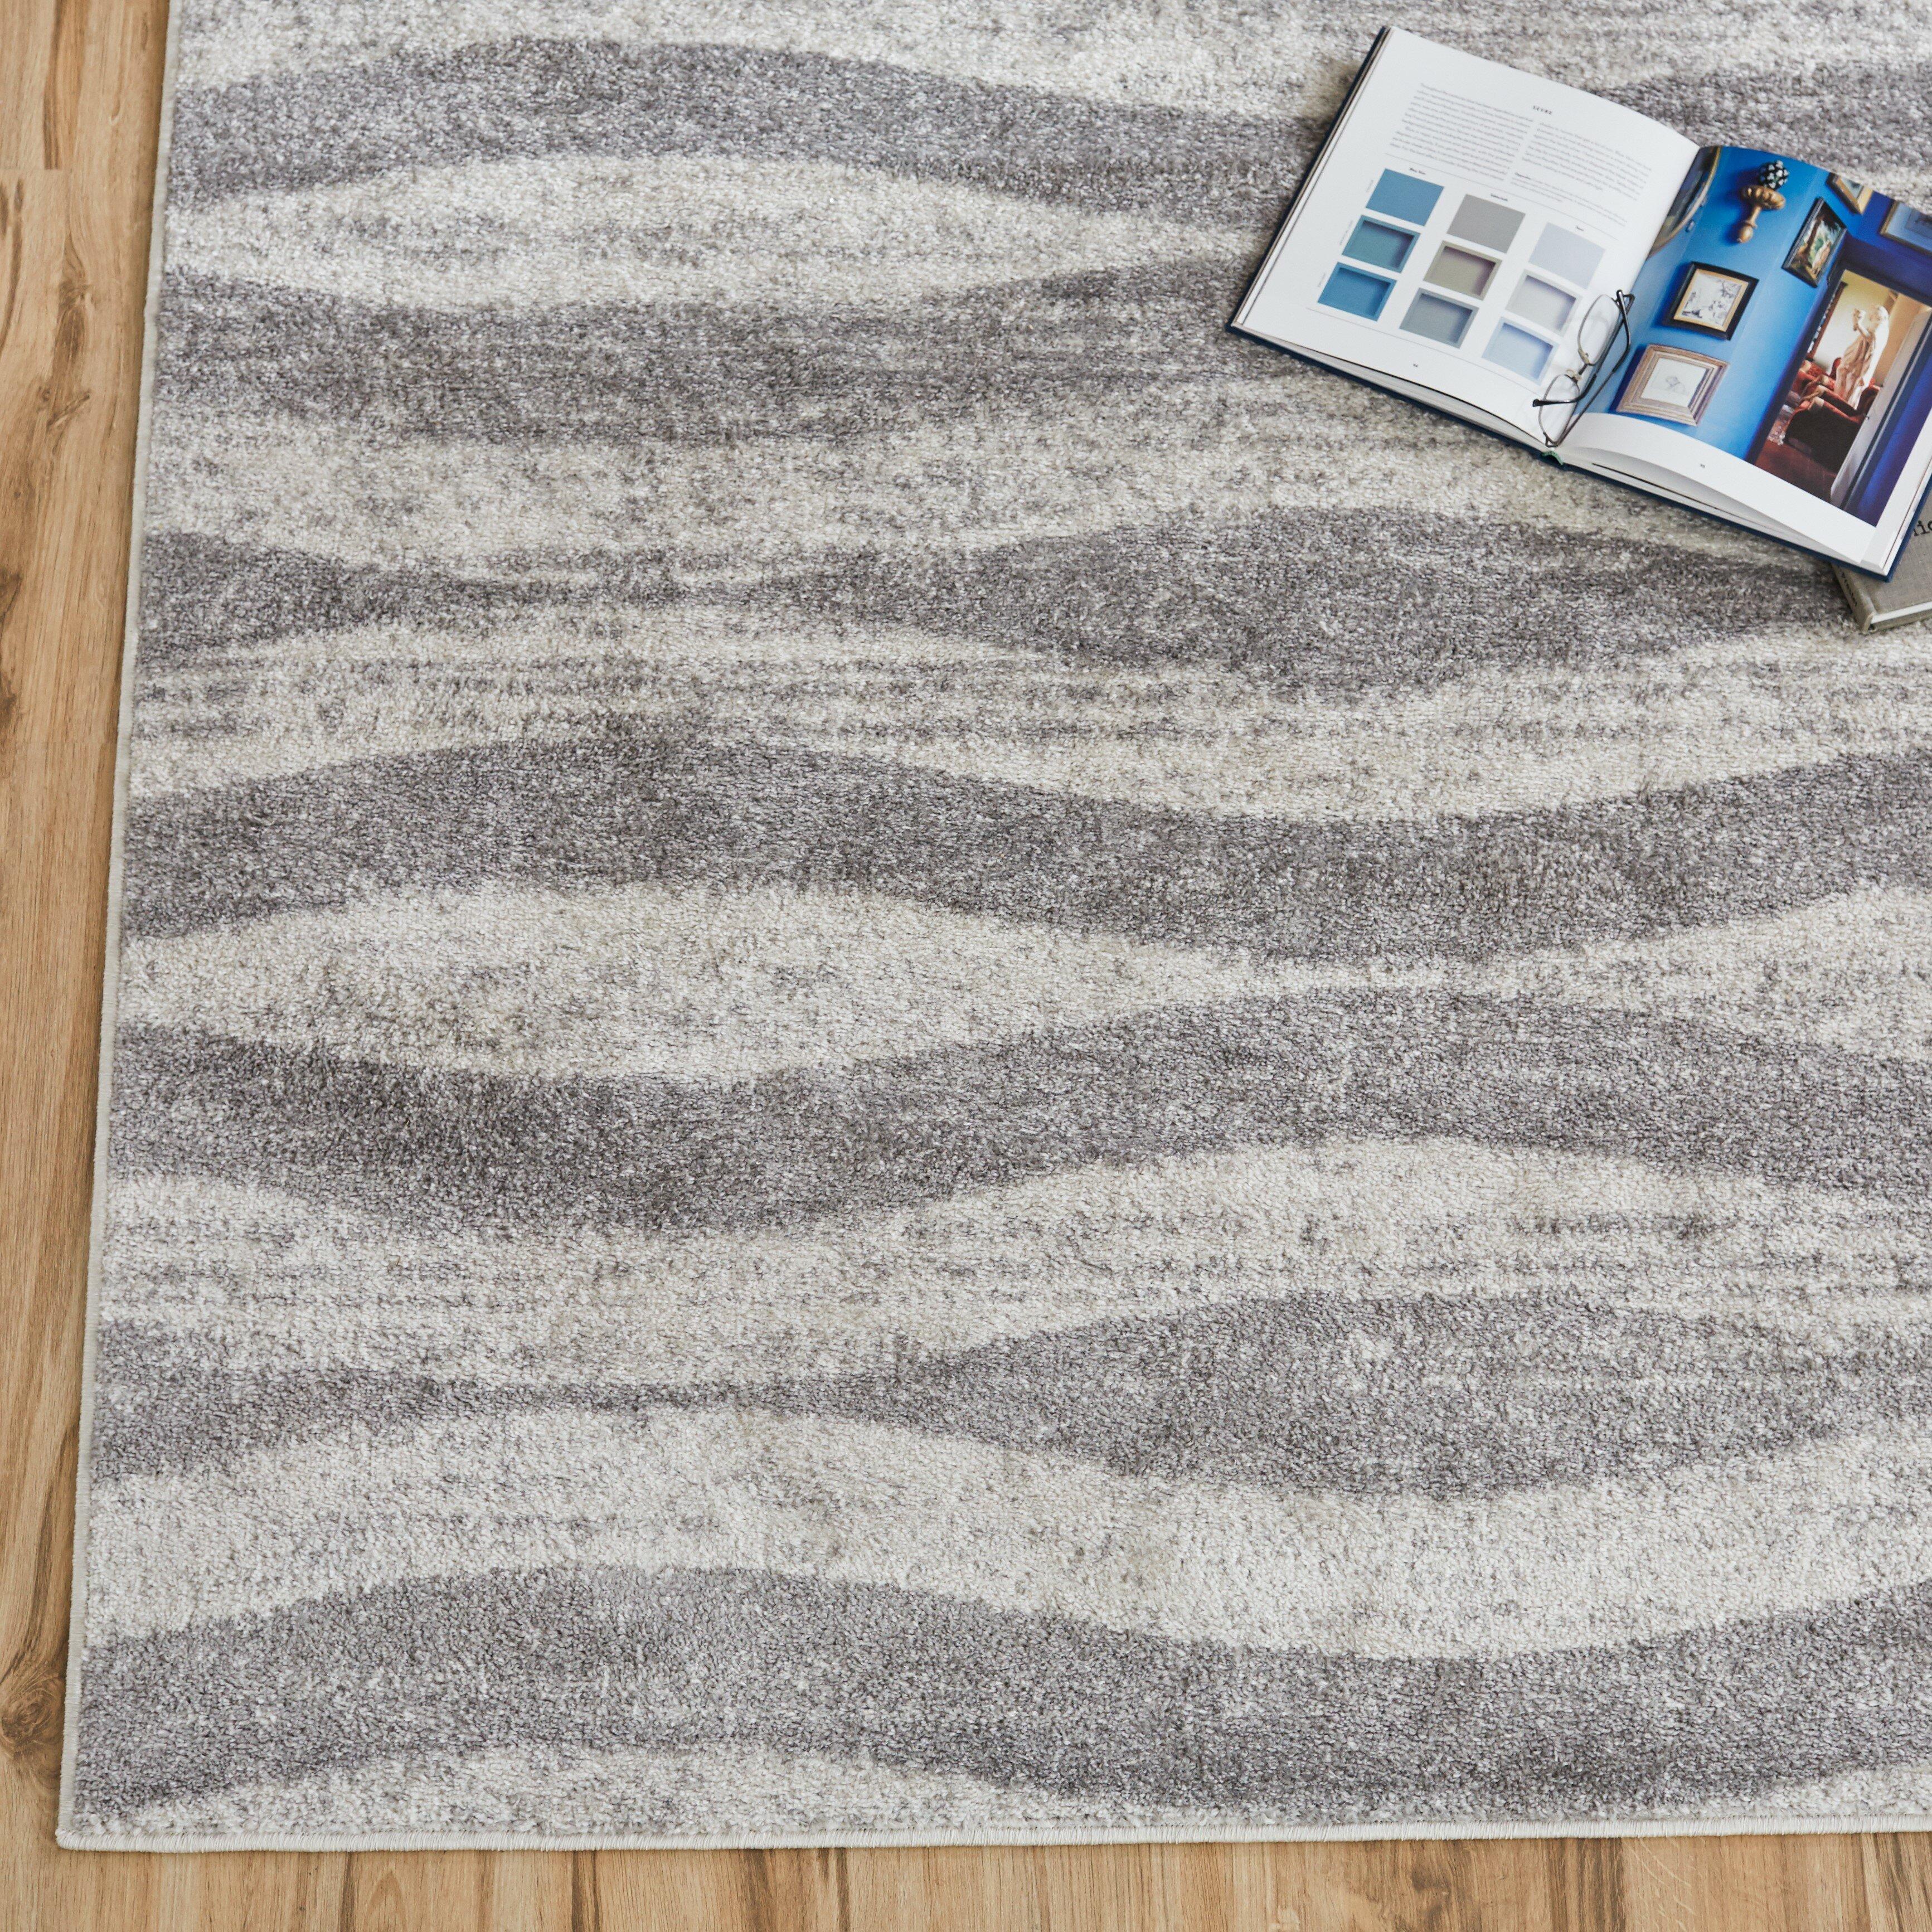 Area Rugs 5x7 Grey Gray Shag Rug Wooden Floor Shaggy Gray